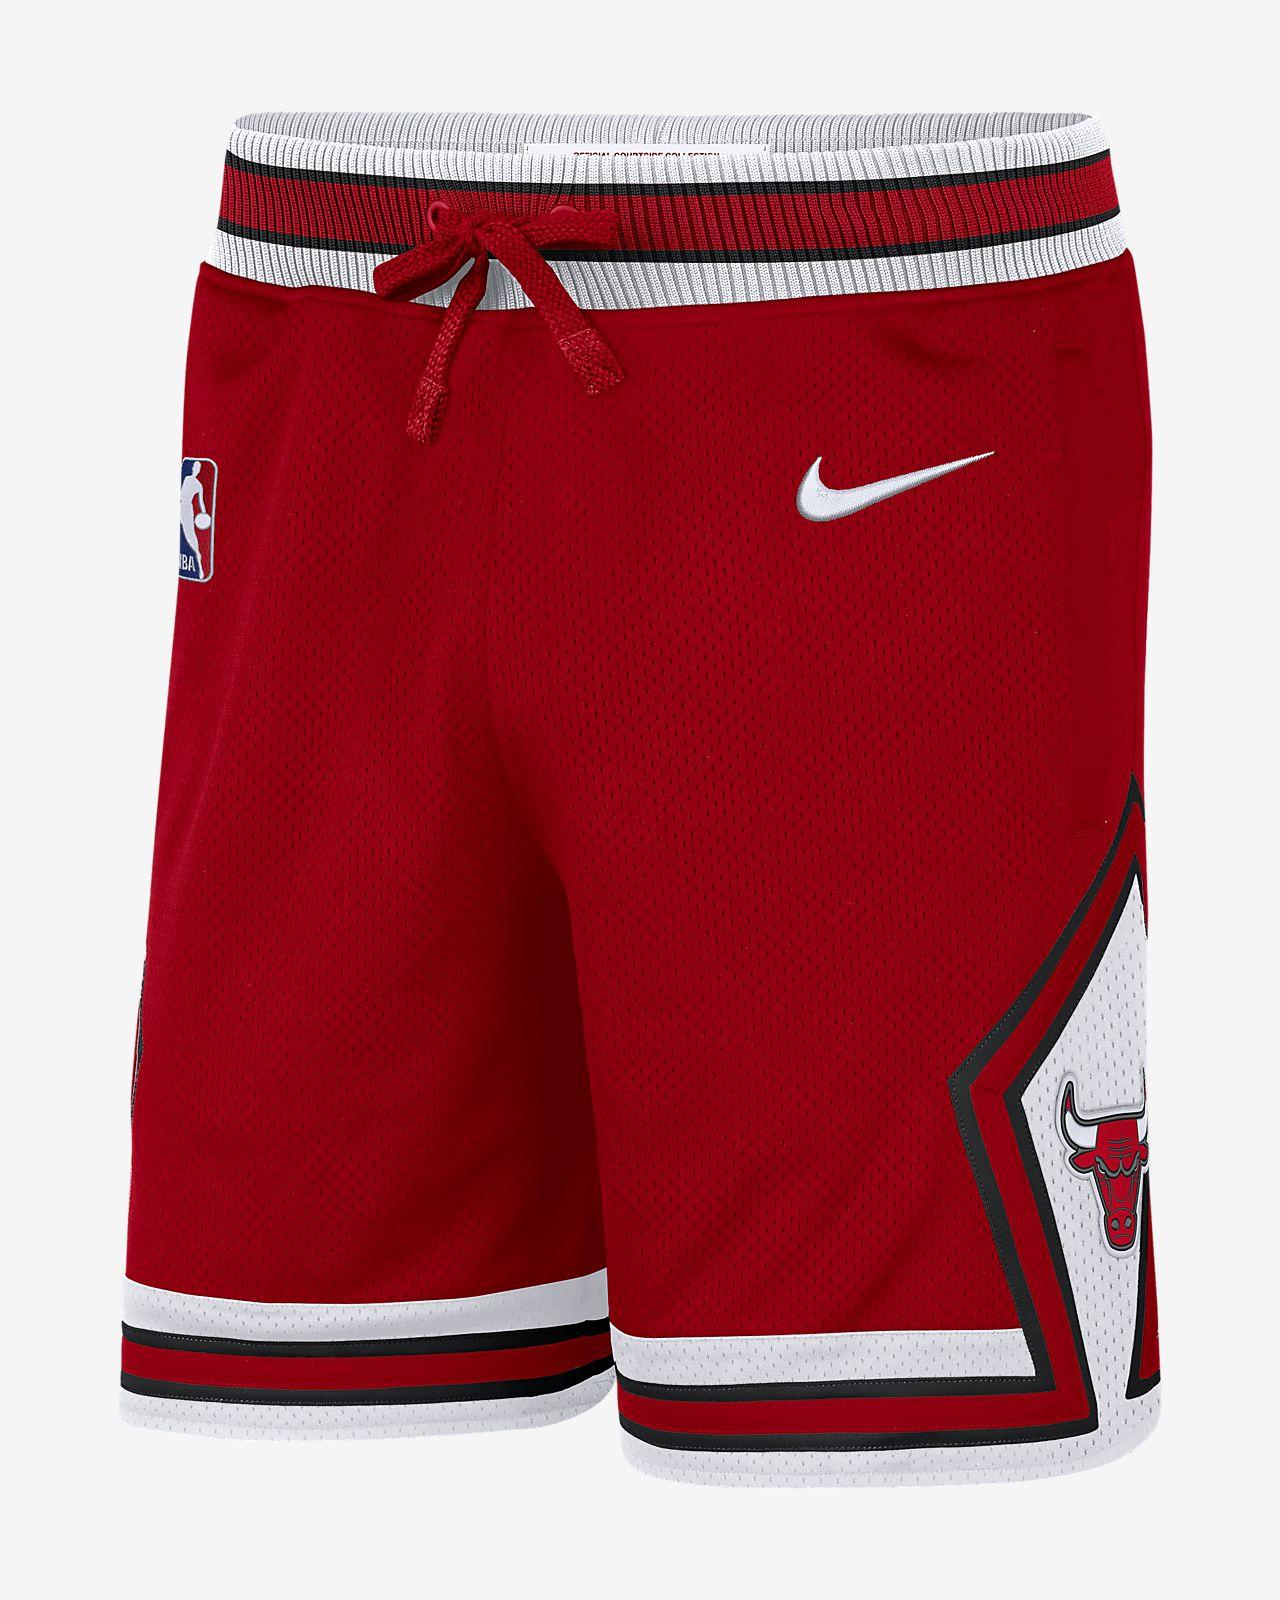 Shorts de la NBA para hombre Chicago Bulls Nike Courtside. Nike.com MX 812c3ccf003